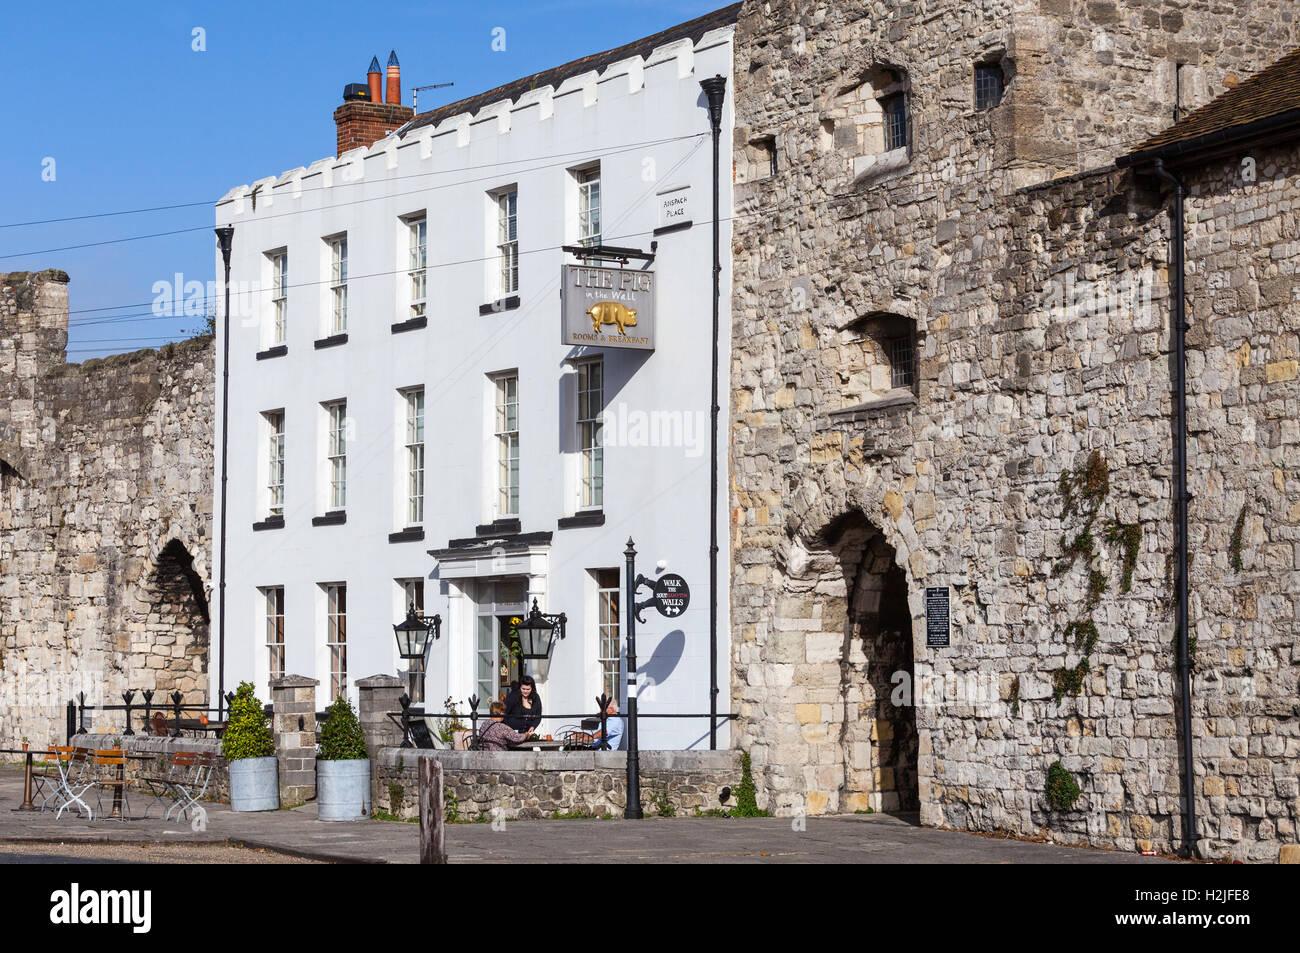 Das Schwein in der Wand-Boutique-Hotel und Restaurant inmitten der historischen Mauern von Southampton Stockbild